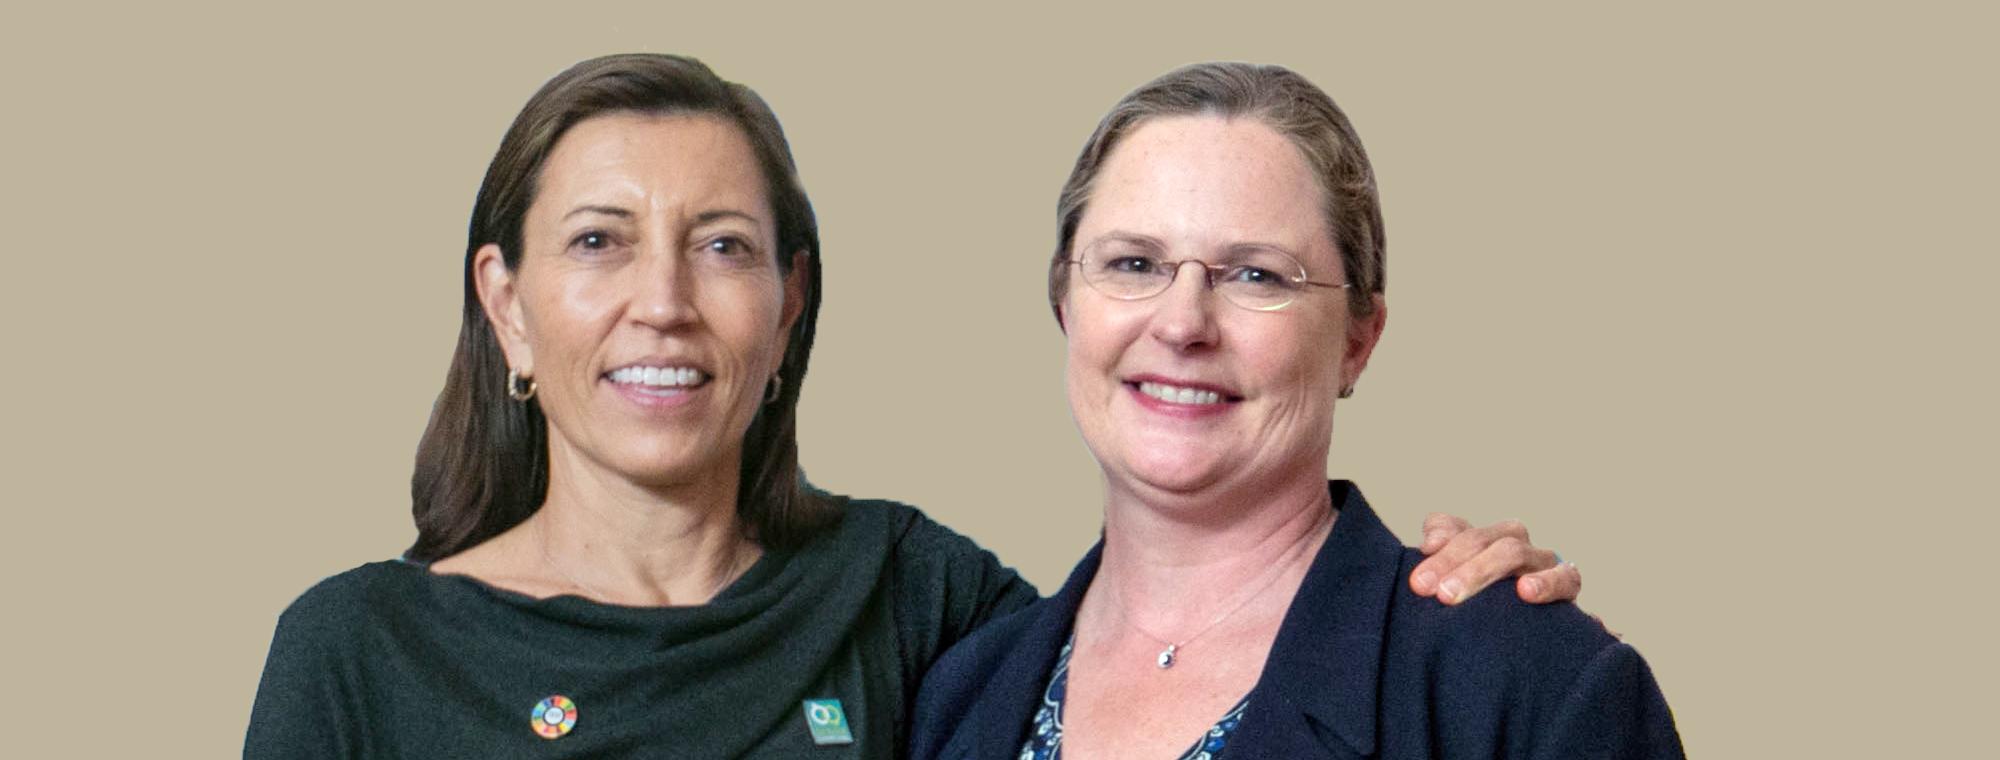 Pamela Hamamoto and Laura Holgate at IGC